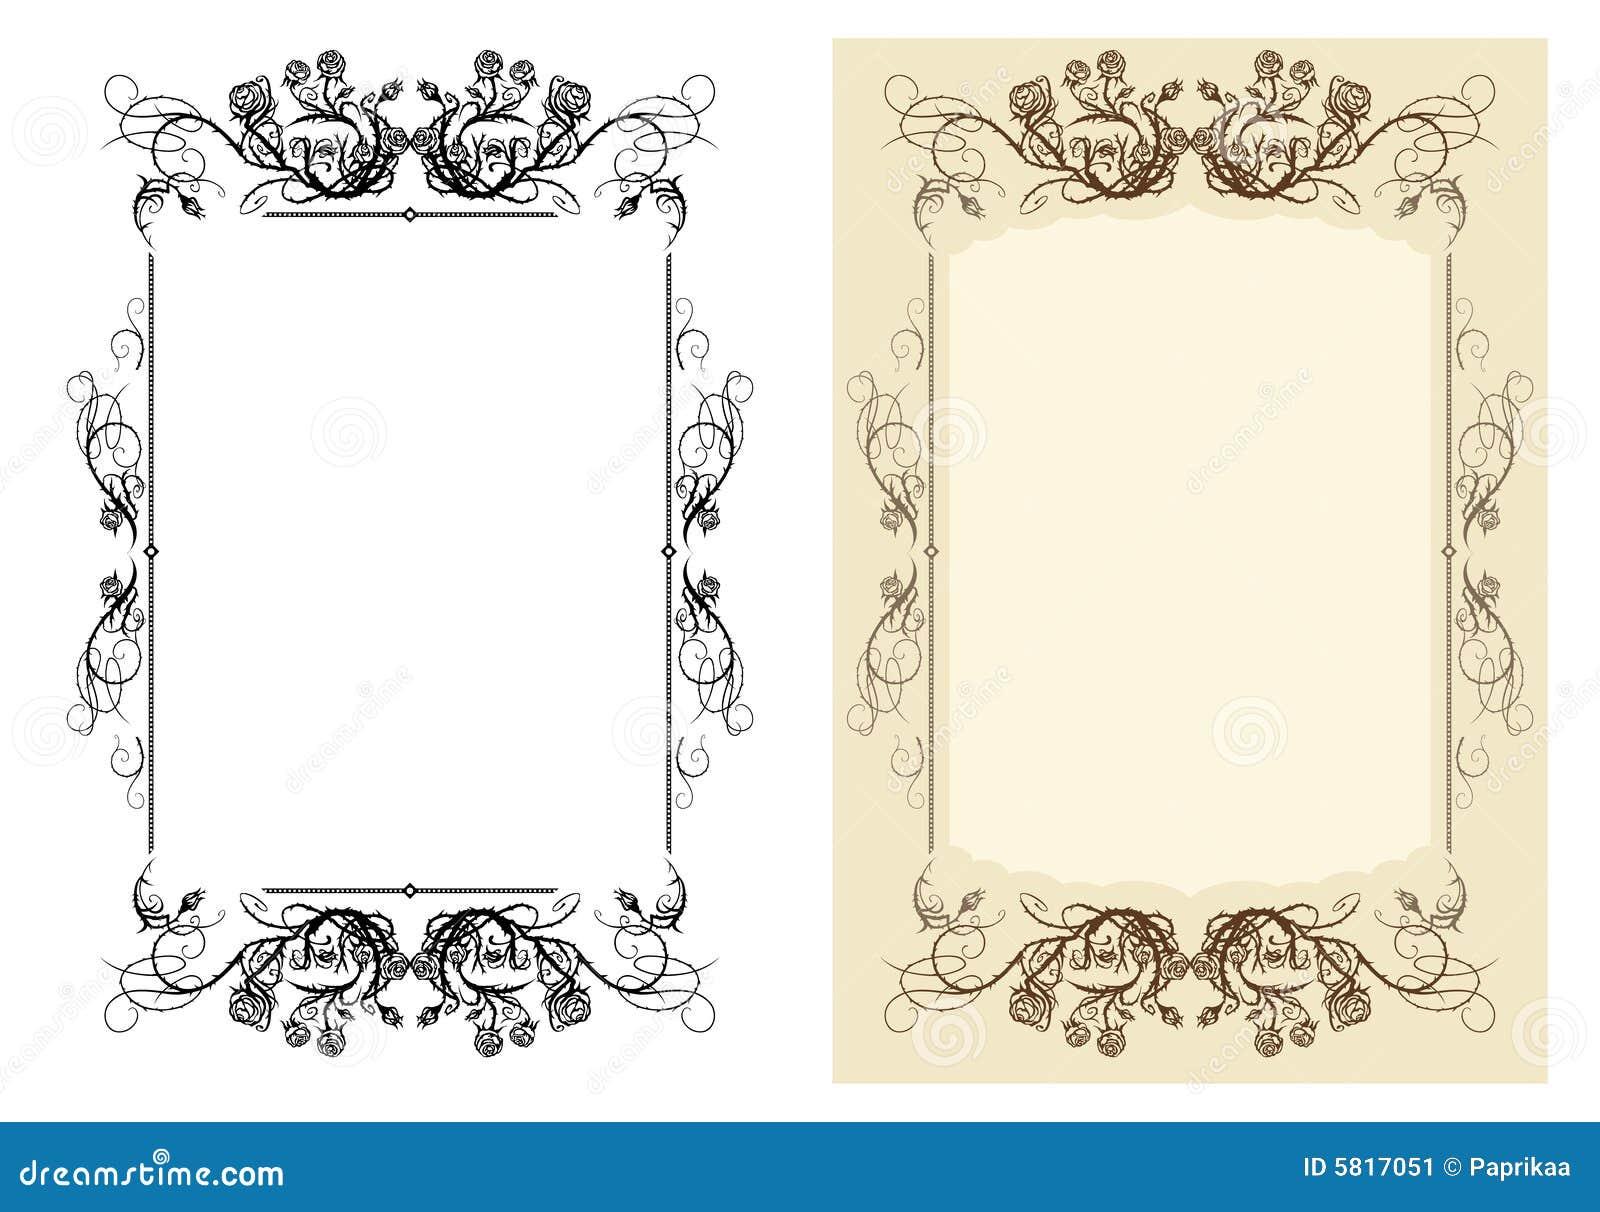 Vintage frame stock vector. Illustration of revival, fashioned - 5817051